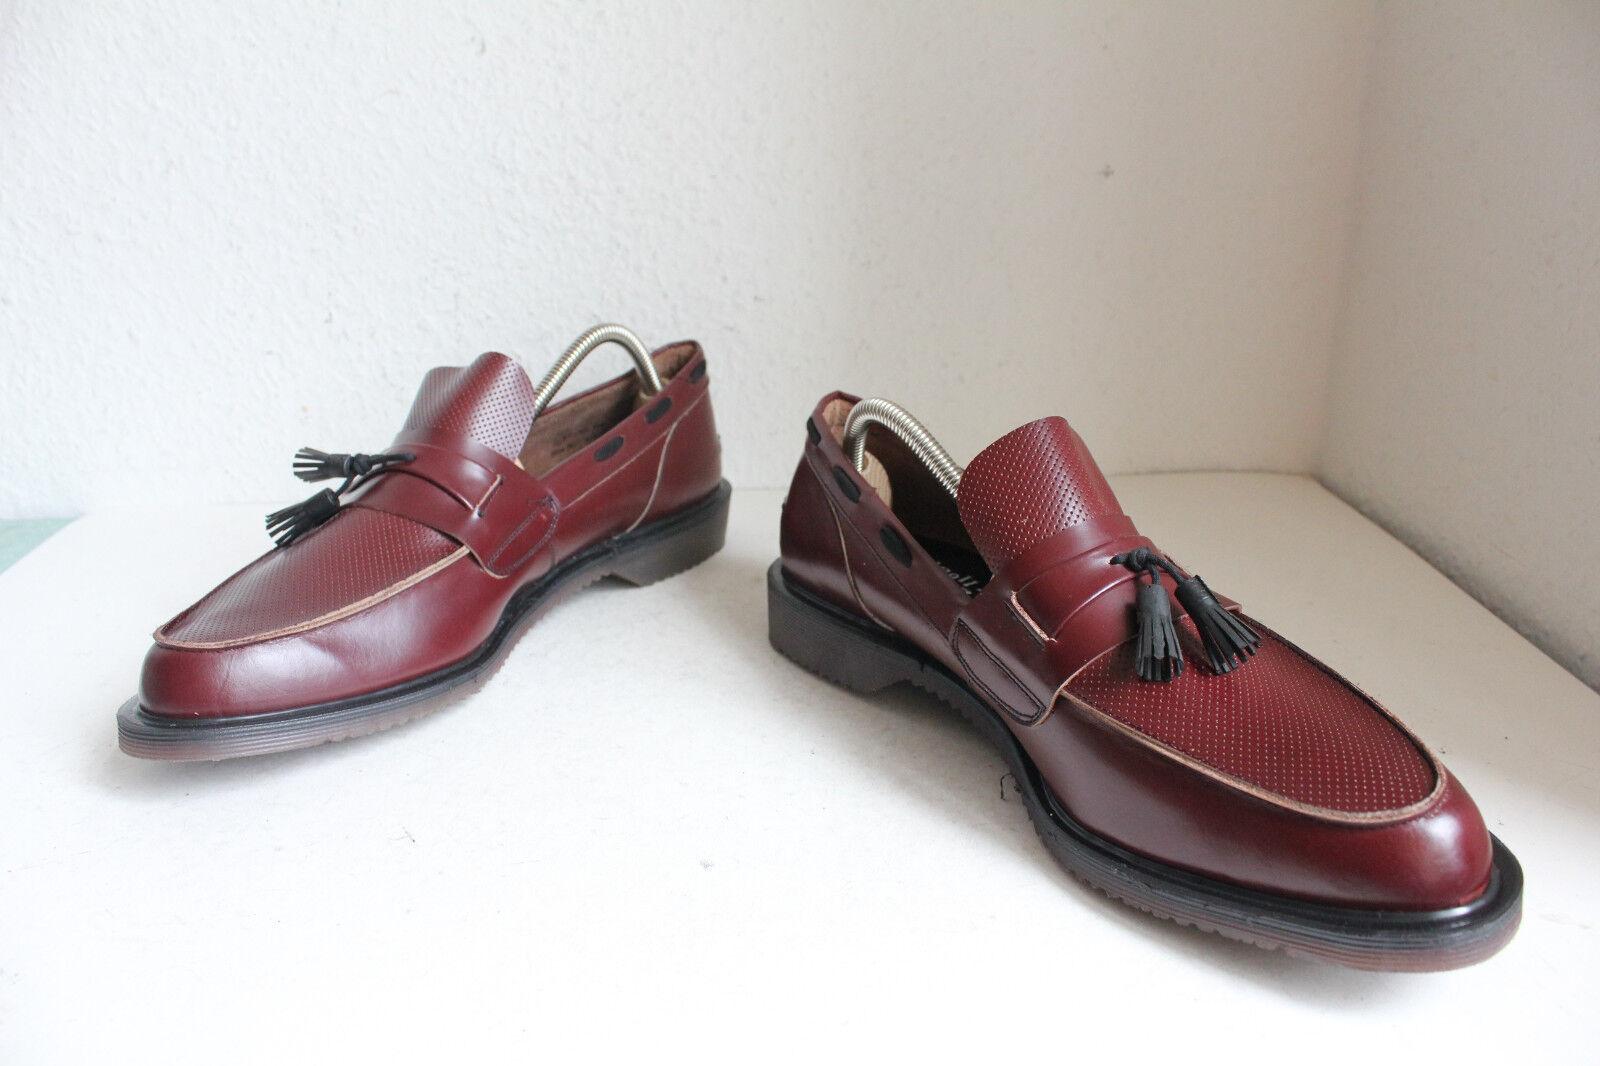 Vintage Dr.Martens Mokassins Schuhe Weinrot Eu:46,5 made England in England made -wie neu 16d350